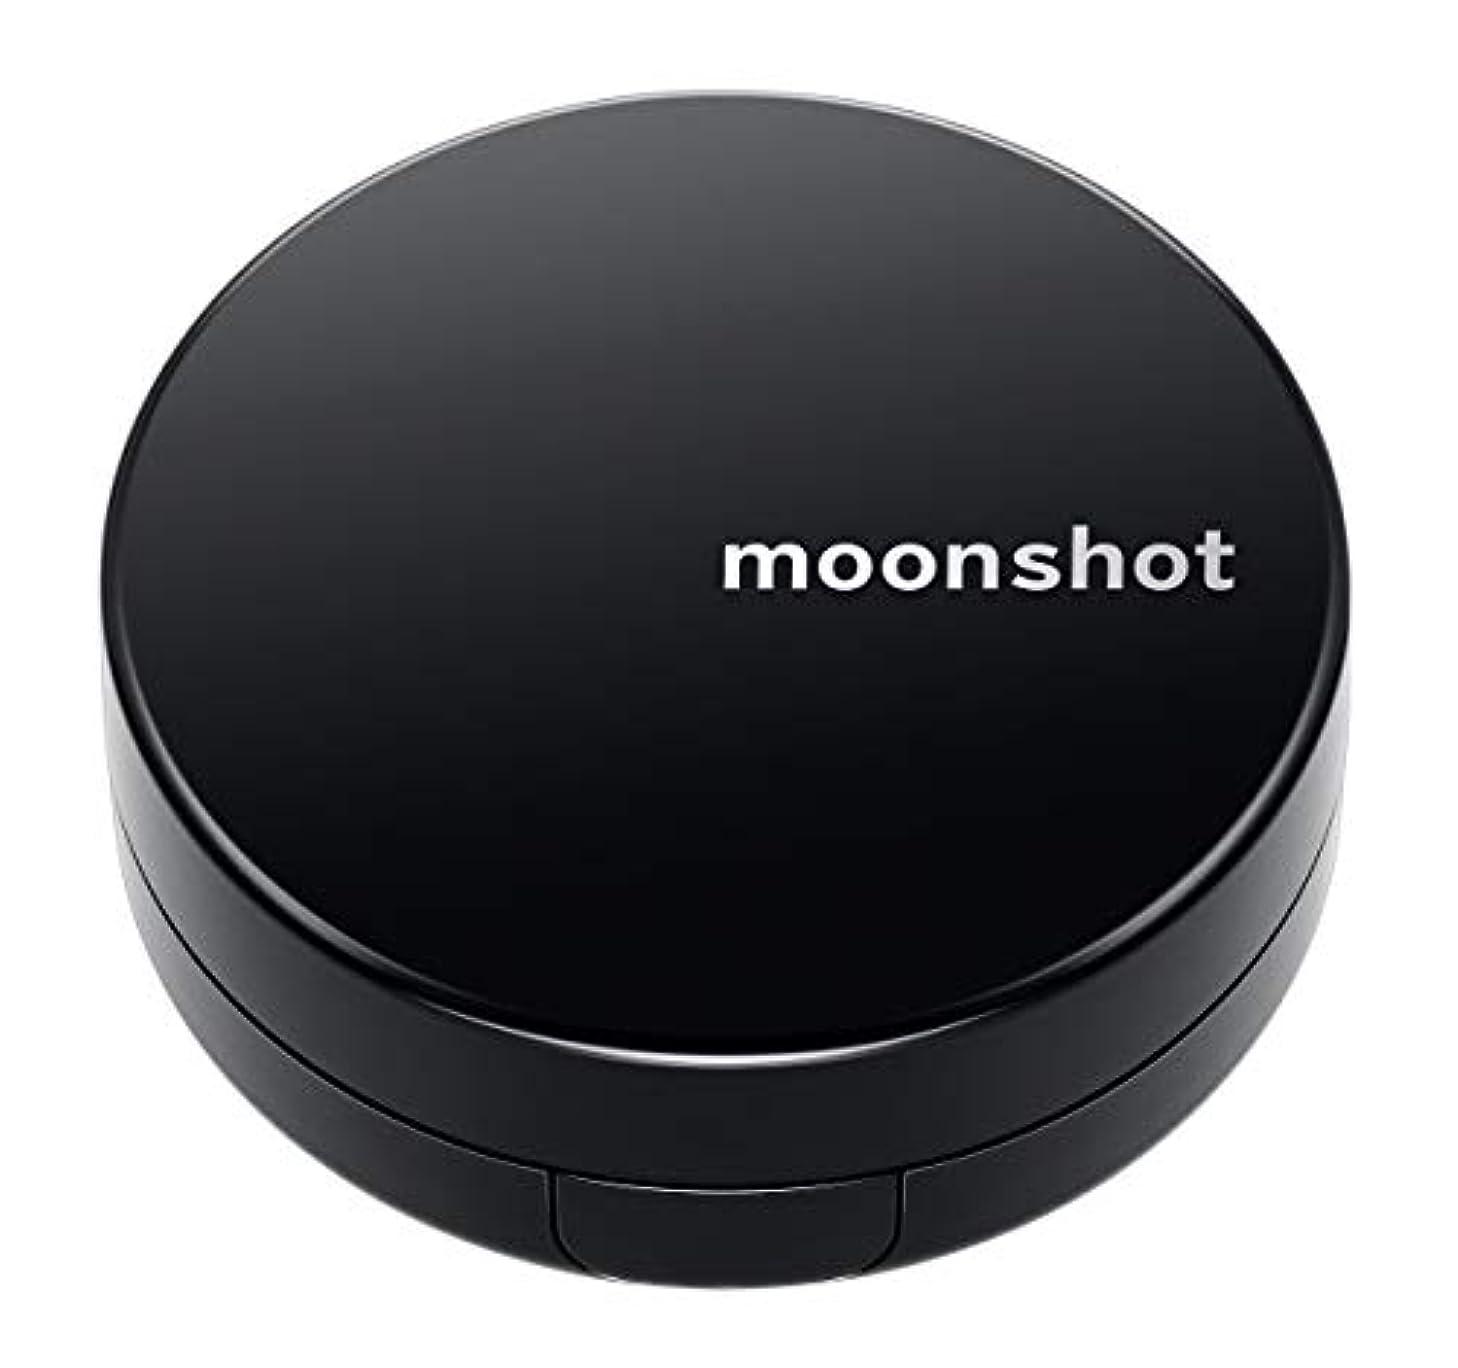 和らげるお勧め罰【moonshot × blackpink】自然なスキントーンと均一なカバー力 しわ改善 美白 紫外線遮断 ムーンショット マイクロフィットクッション201/正規品